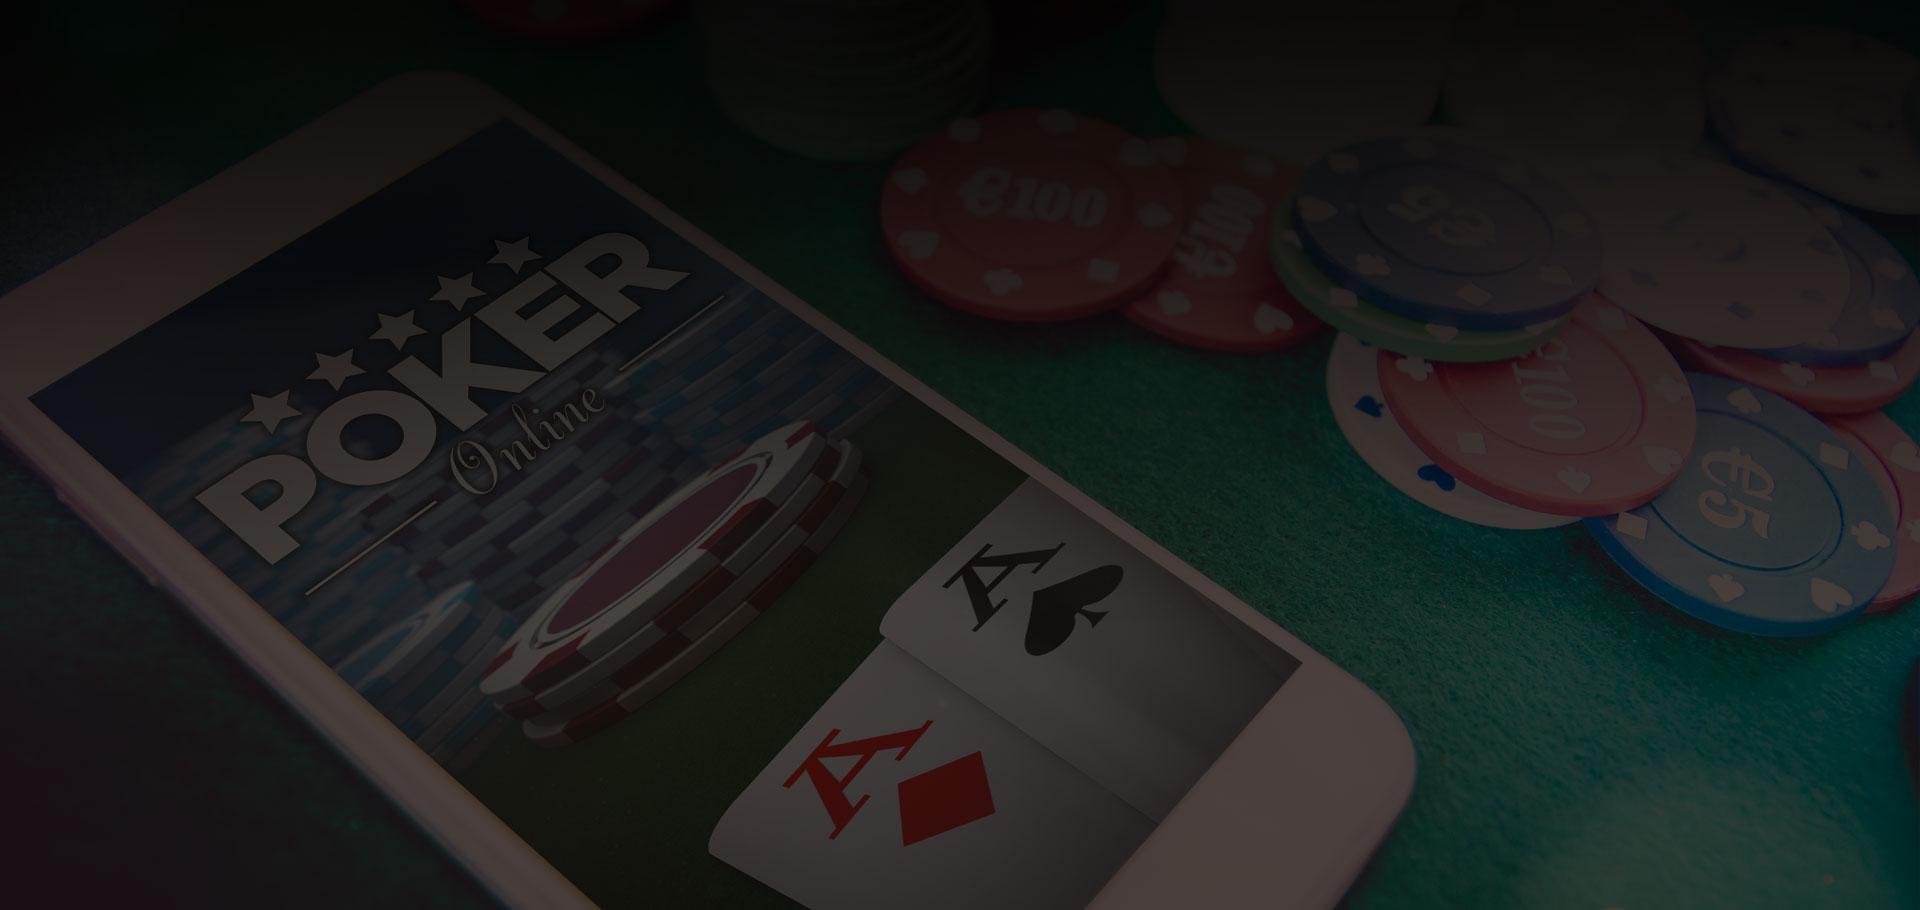 Choisir son site de poker en ligne